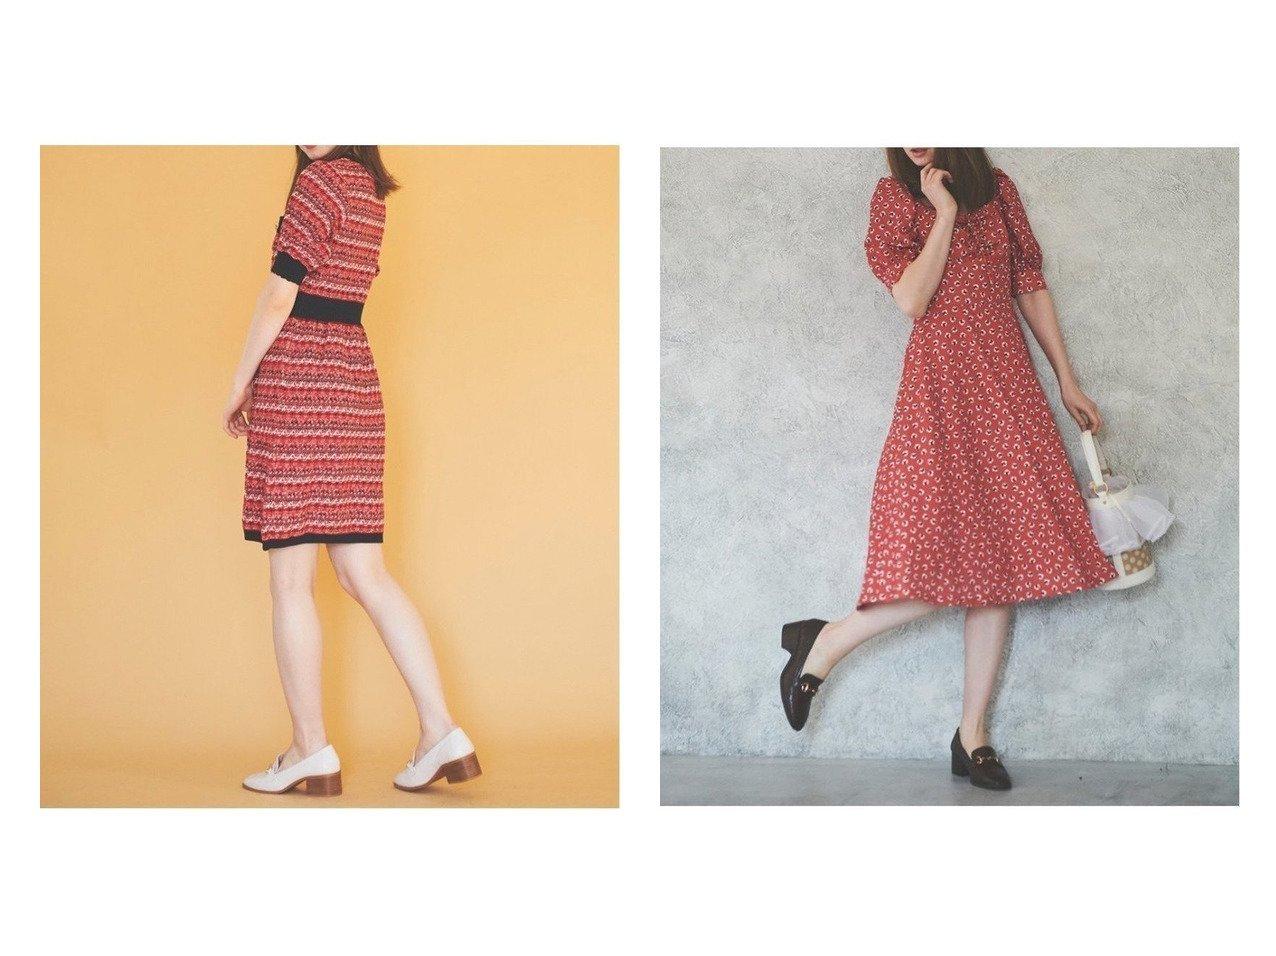 【31 Sons de mode/トランテアン ソン ドゥ モード】のツイーディーニットミニワンピ&ハート柄ミディ丈ワンピース ワンピース・ドレスのおすすめ!人気、トレンド・レディースファッションの通販  おすすめで人気の流行・トレンド、ファッションの通販商品 メンズファッション・キッズファッション・インテリア・家具・レディースファッション・服の通販 founy(ファニー) https://founy.com/ ファッション Fashion レディースファッション WOMEN ワンピース Dress ニットワンピース Knit Dresses 2021年 2021 2021 春夏 S/S SS Spring/Summer 2021 S/S 春夏 SS Spring/Summer スカラップ ツイード 半袖 |ID:crp329100000010088